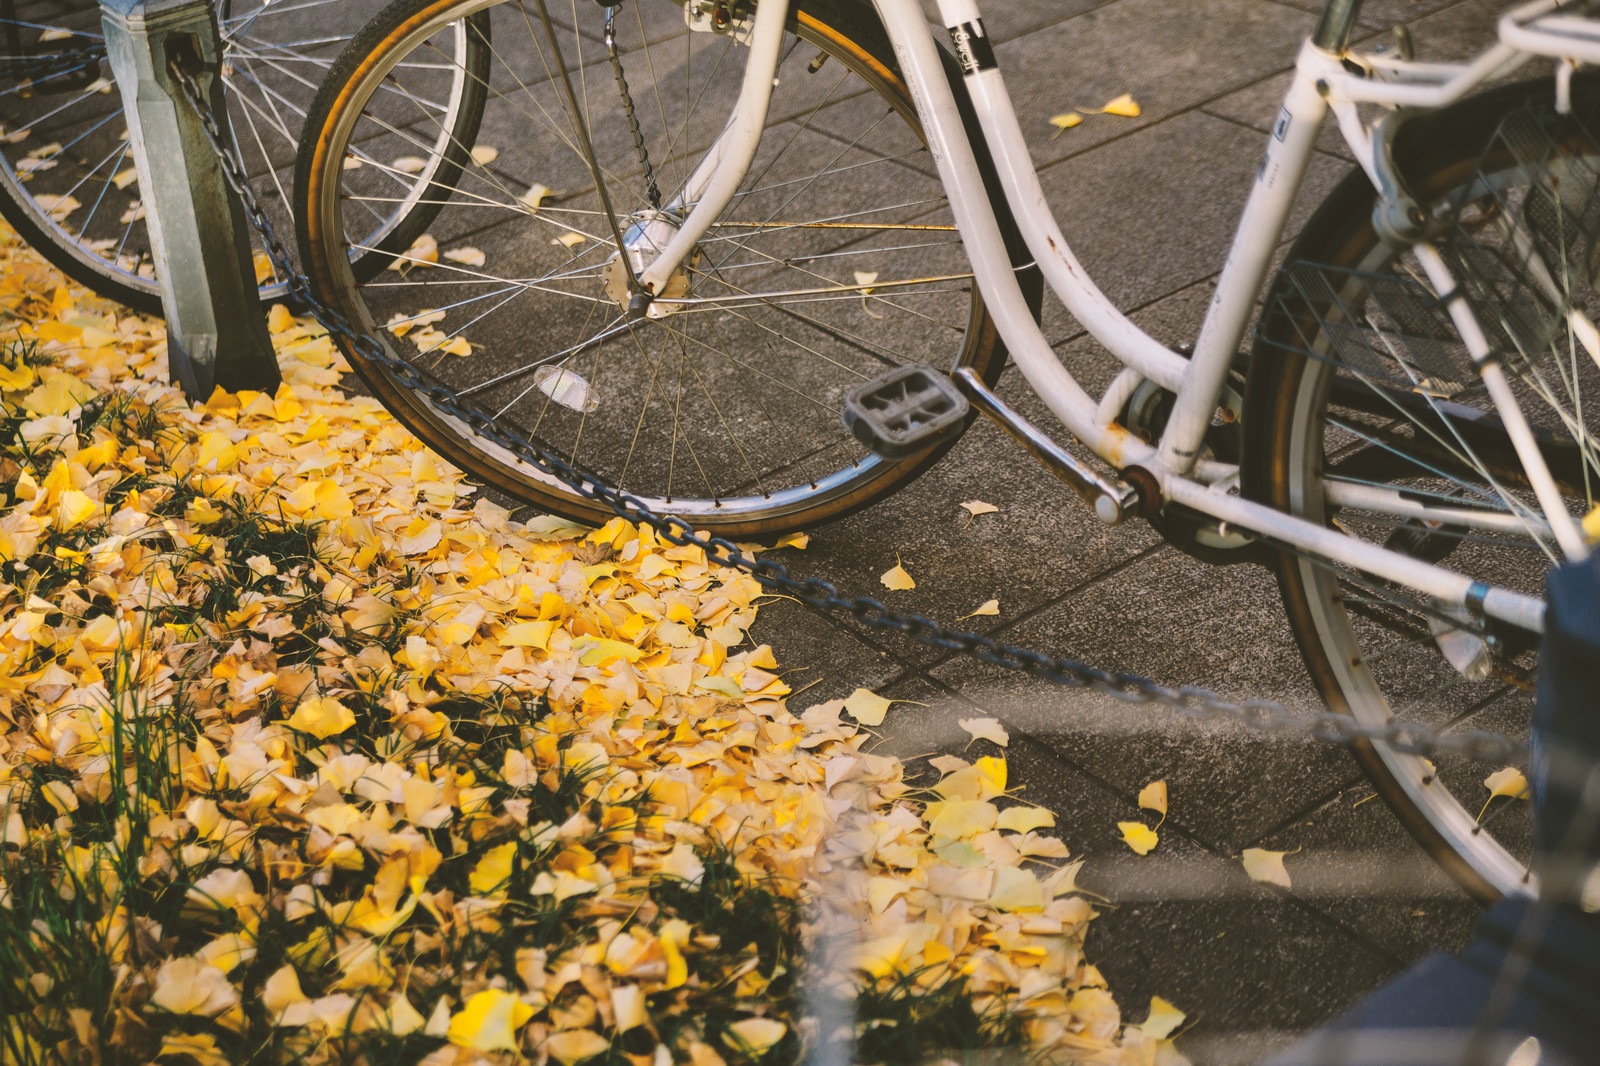 ママチャリに限界を感じた18歳。クロスバイクを買う。